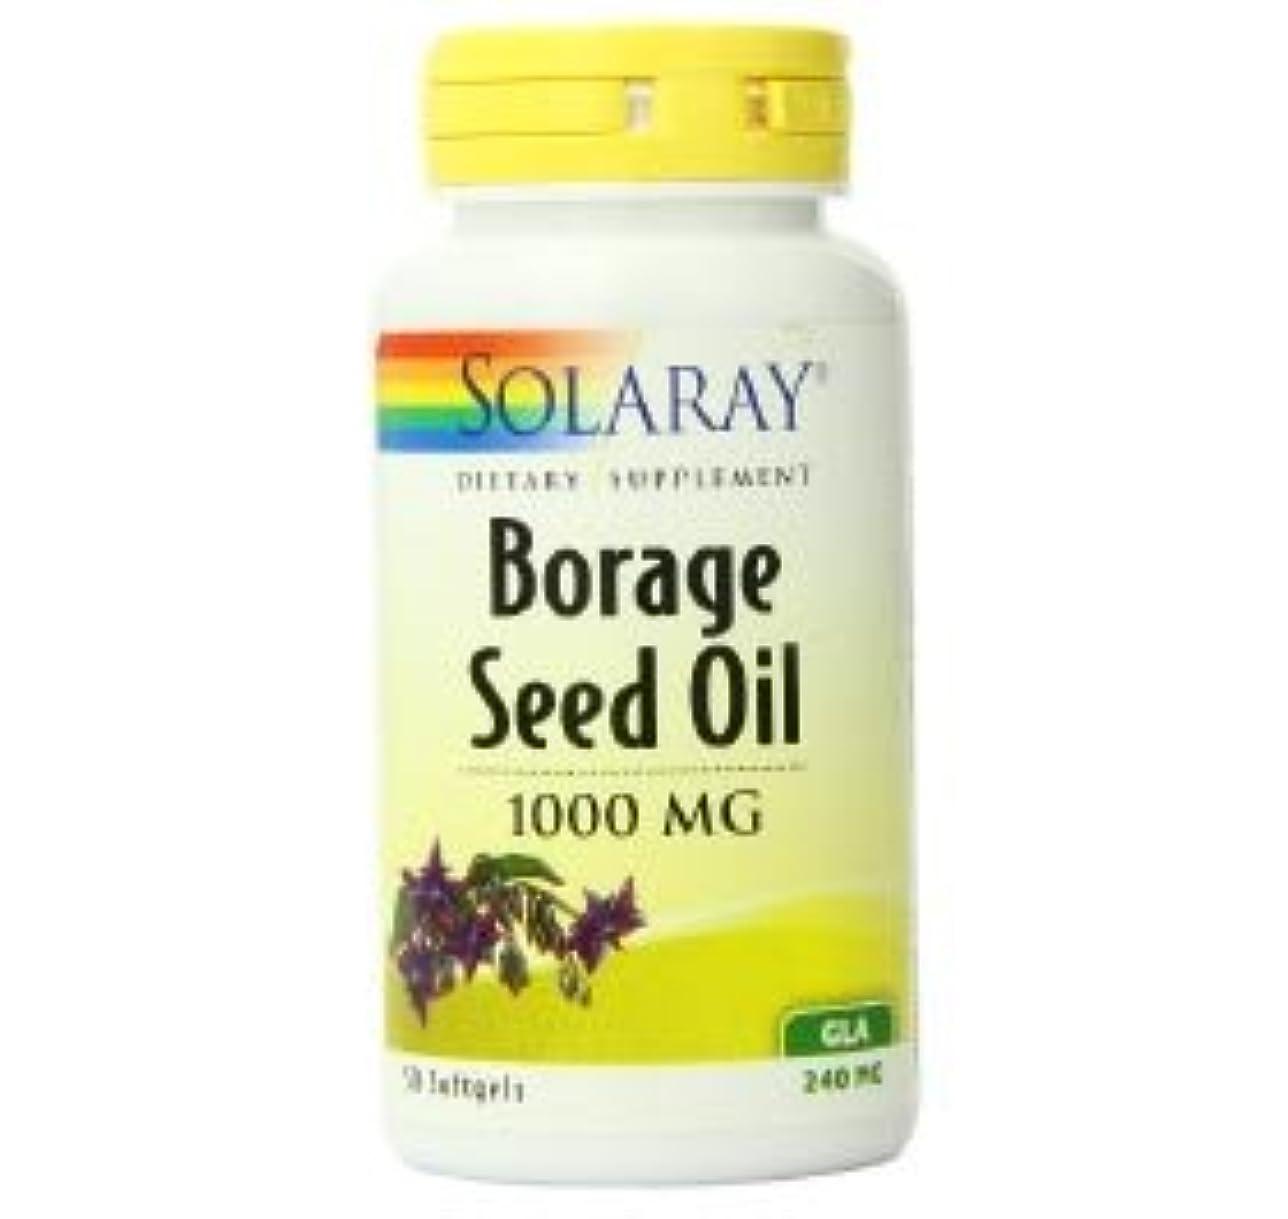 外側視聴者政府【海外直送品】SOLARAY - Borage seed oil - 50softgel ボラージシードオイル